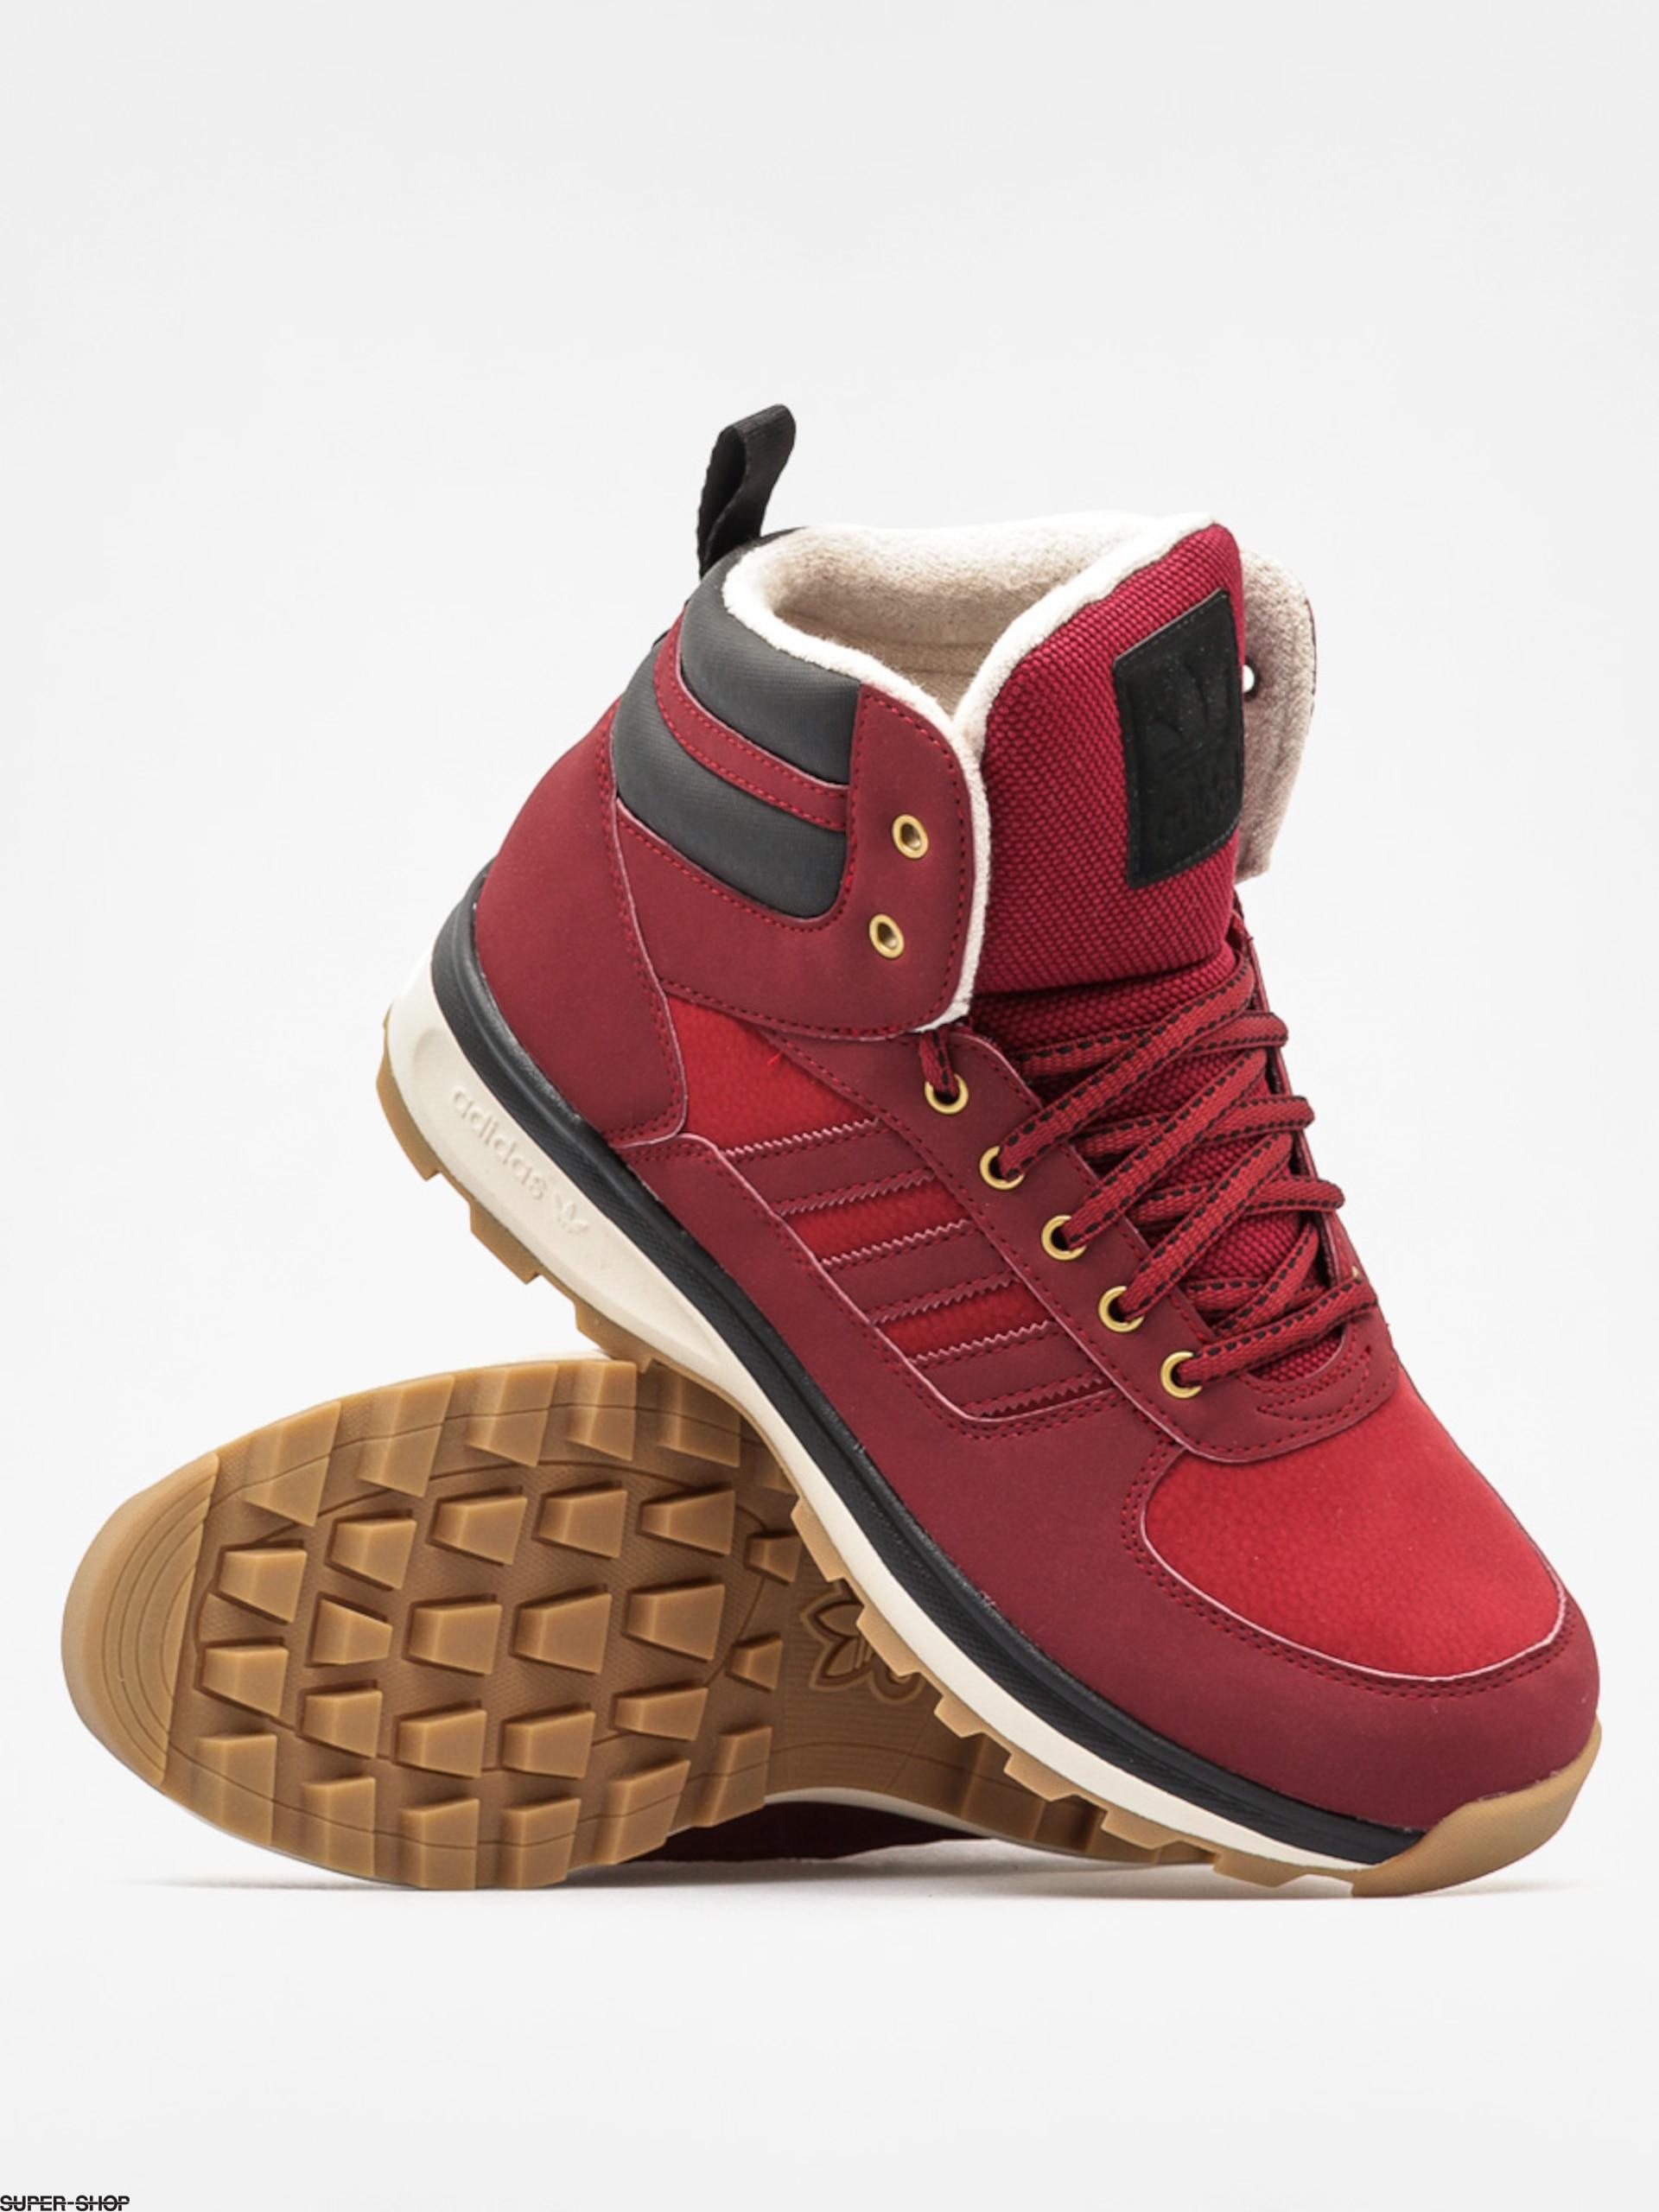 Amado Prisión banda  adidas Shoes Chasker Boot (cbugru/cburgu/cbrown)